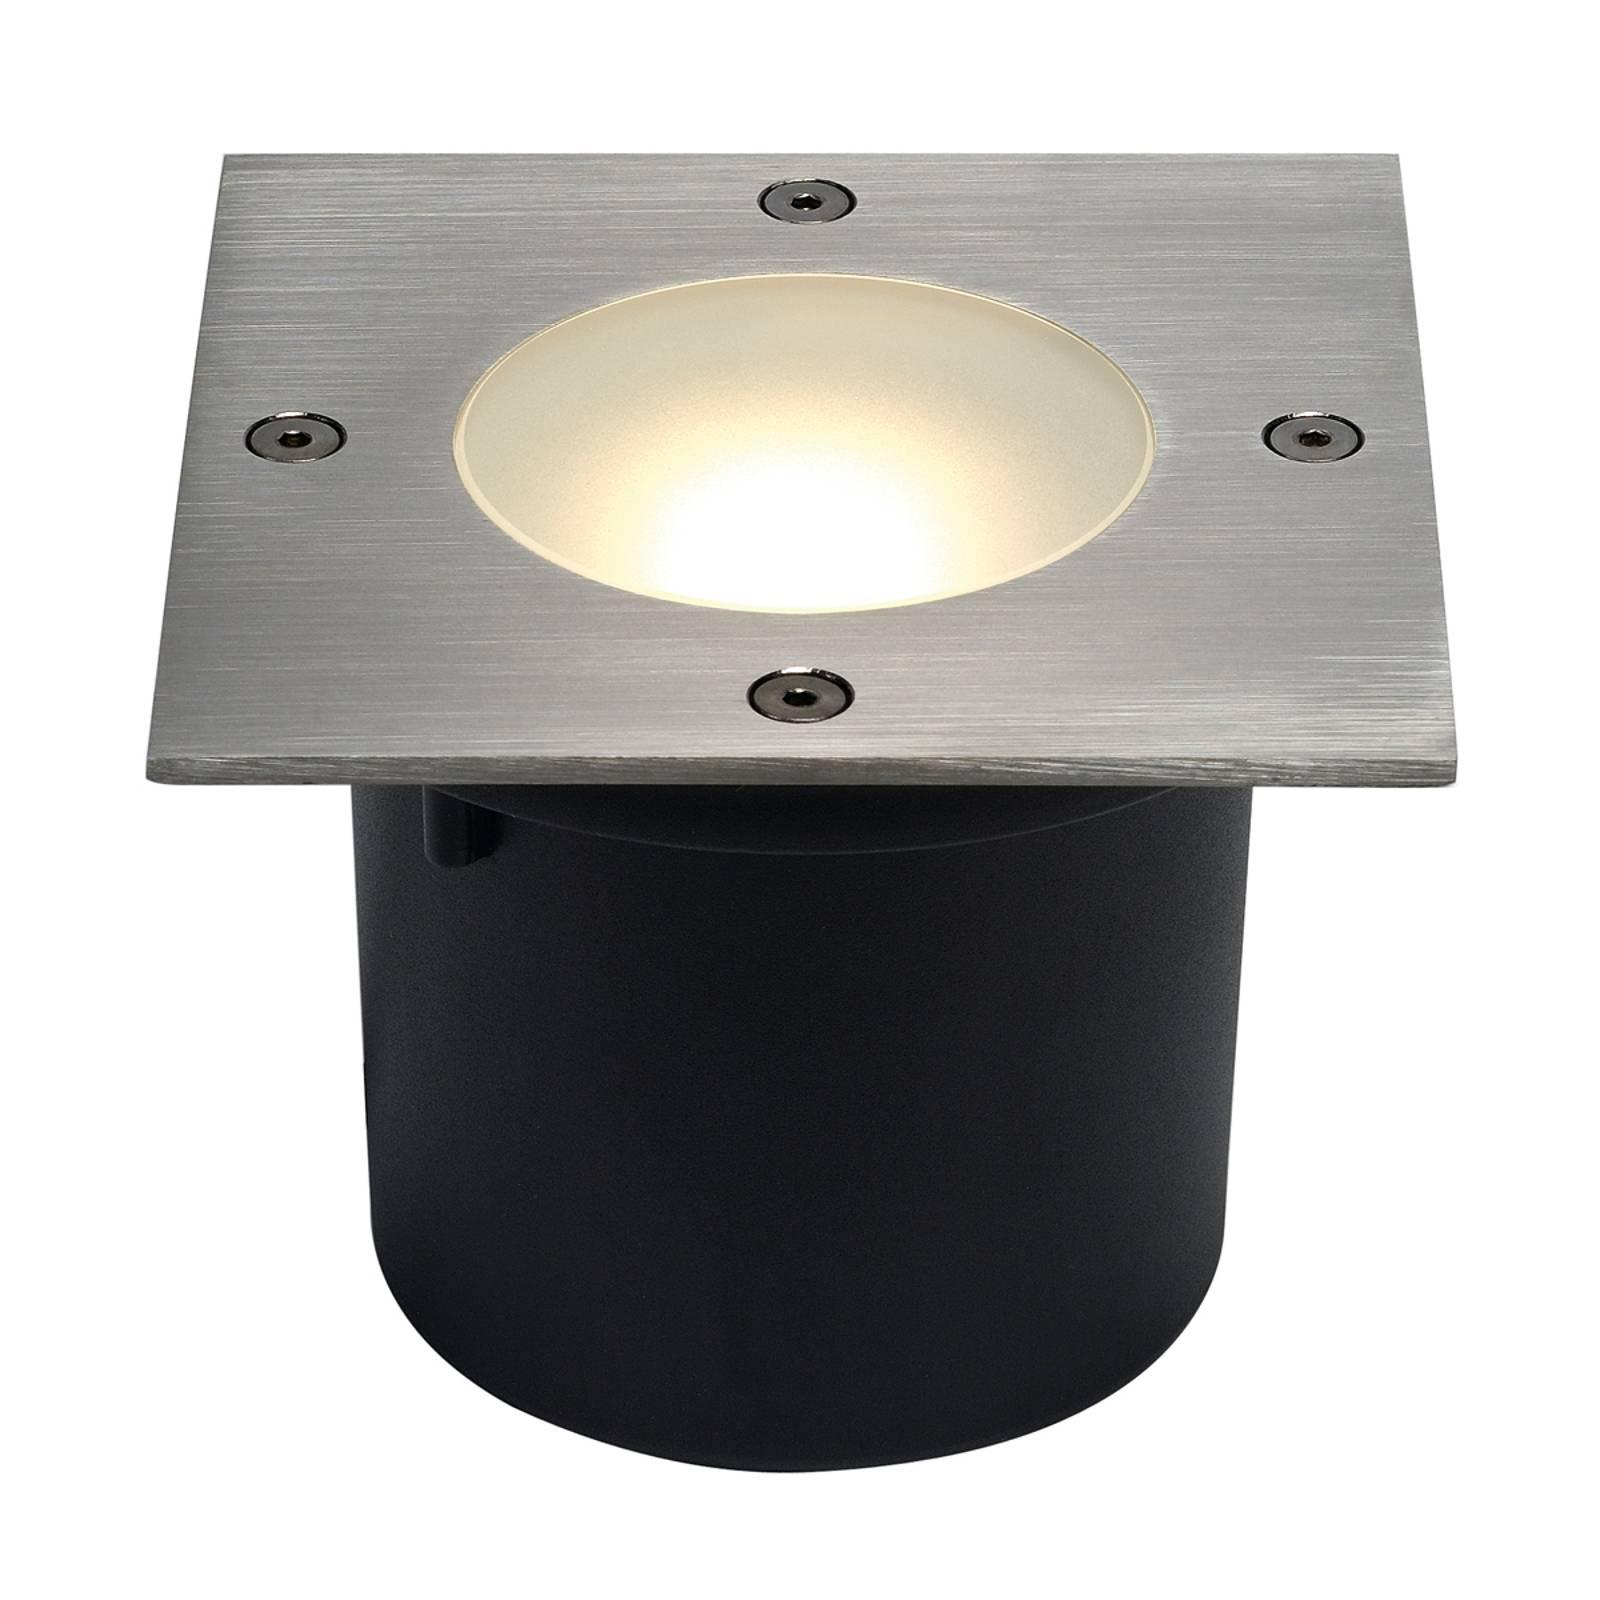 SLV Wetsy Disk faretto LED da incasso, angolare